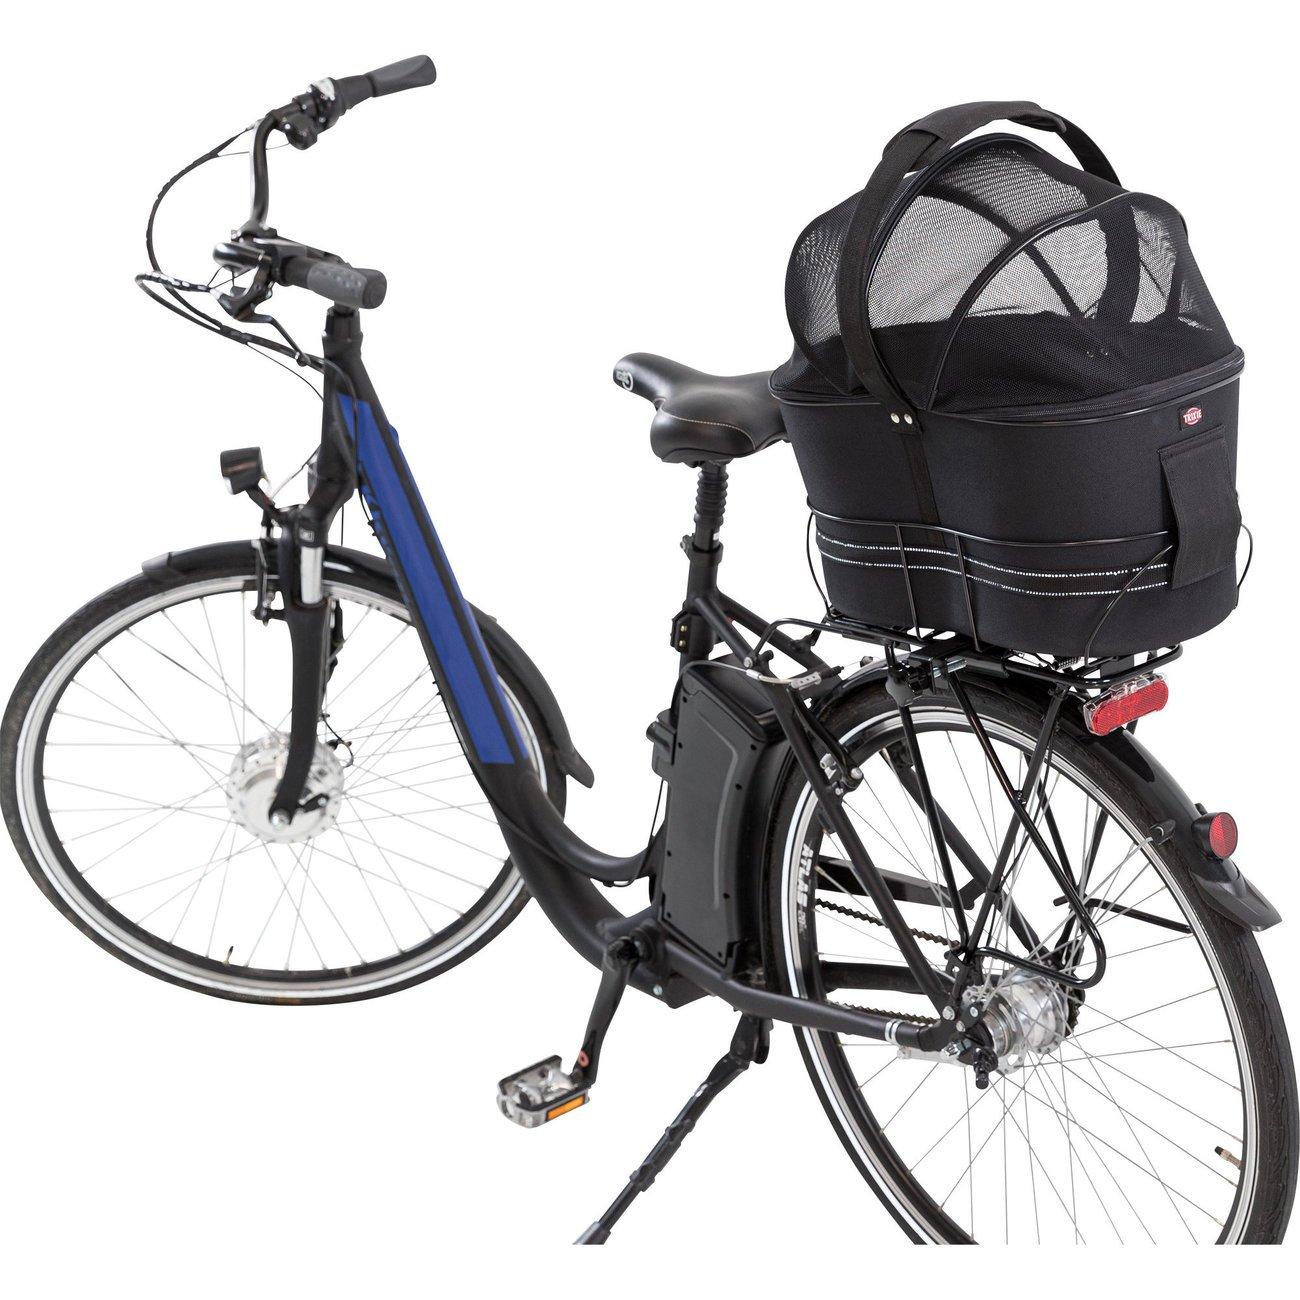 Fahrradtasche mit Metallrahmen für breite Gepäckträger Bild 5